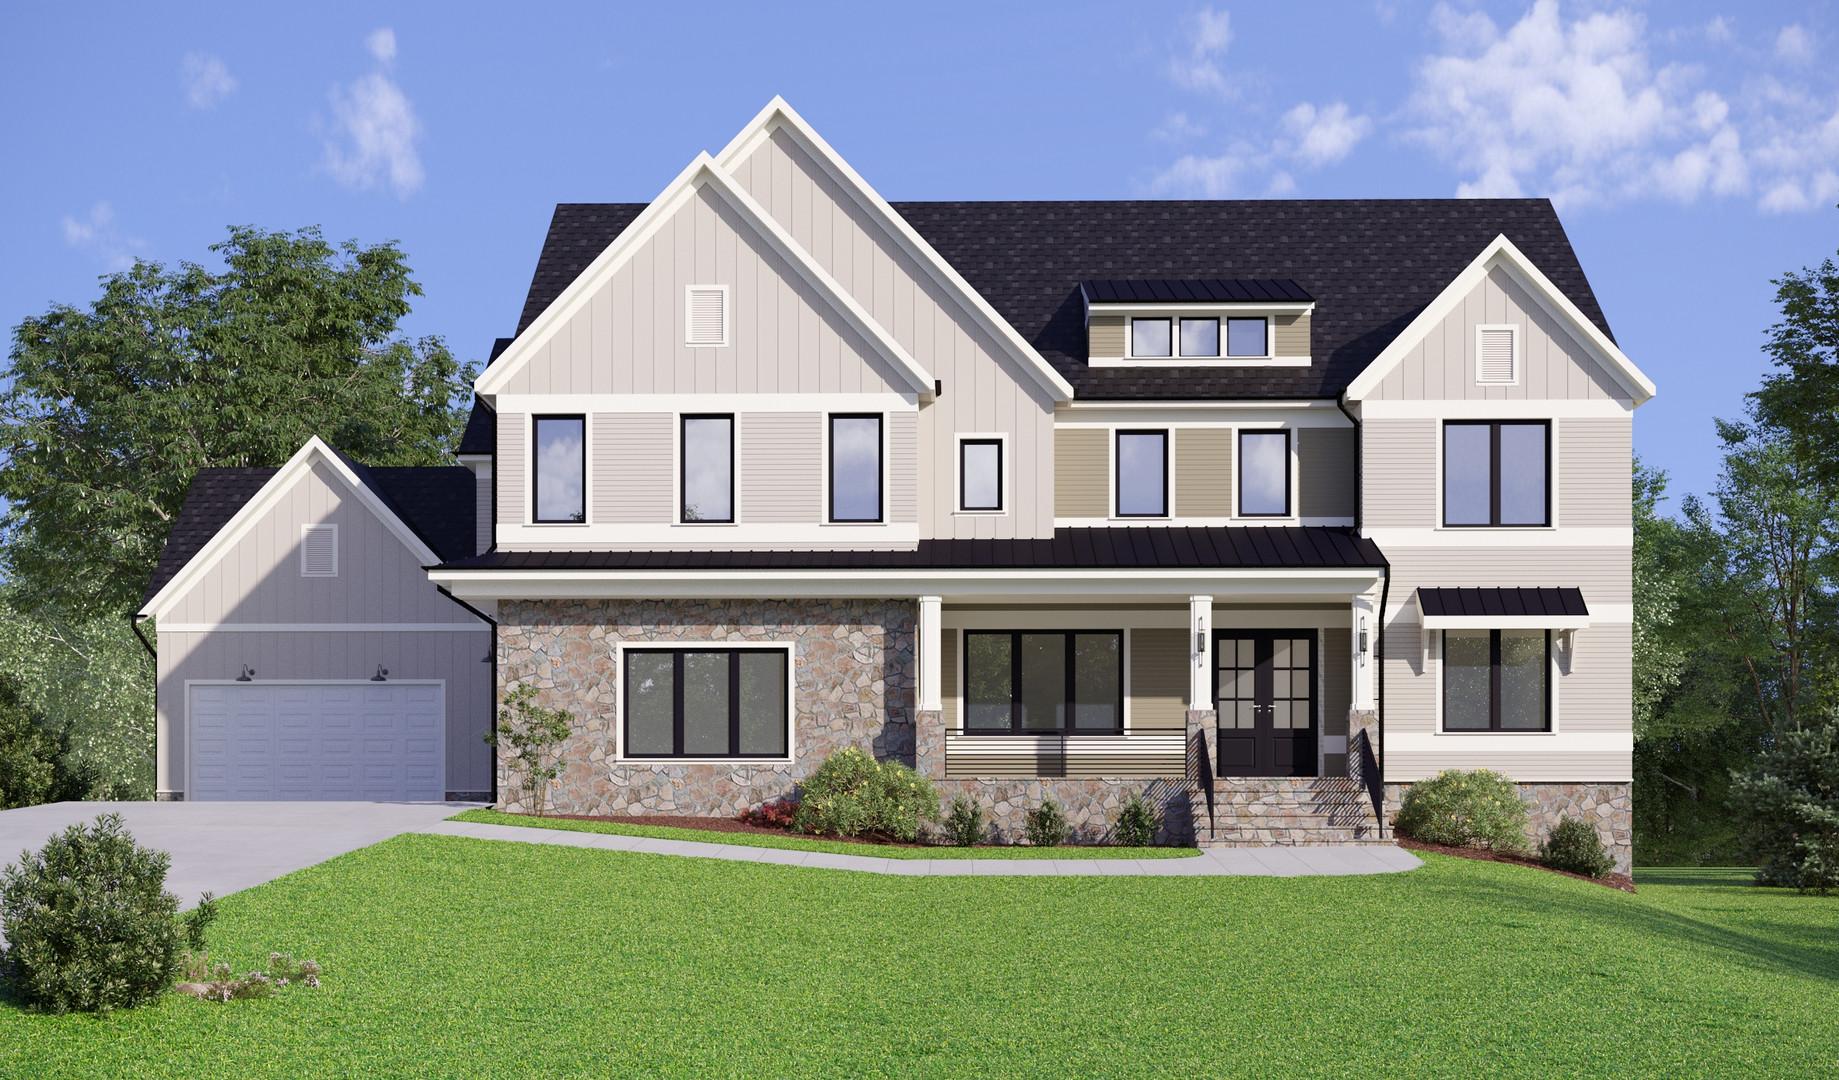 Дом, пригород г. Вашингтон, Вирджиния, США